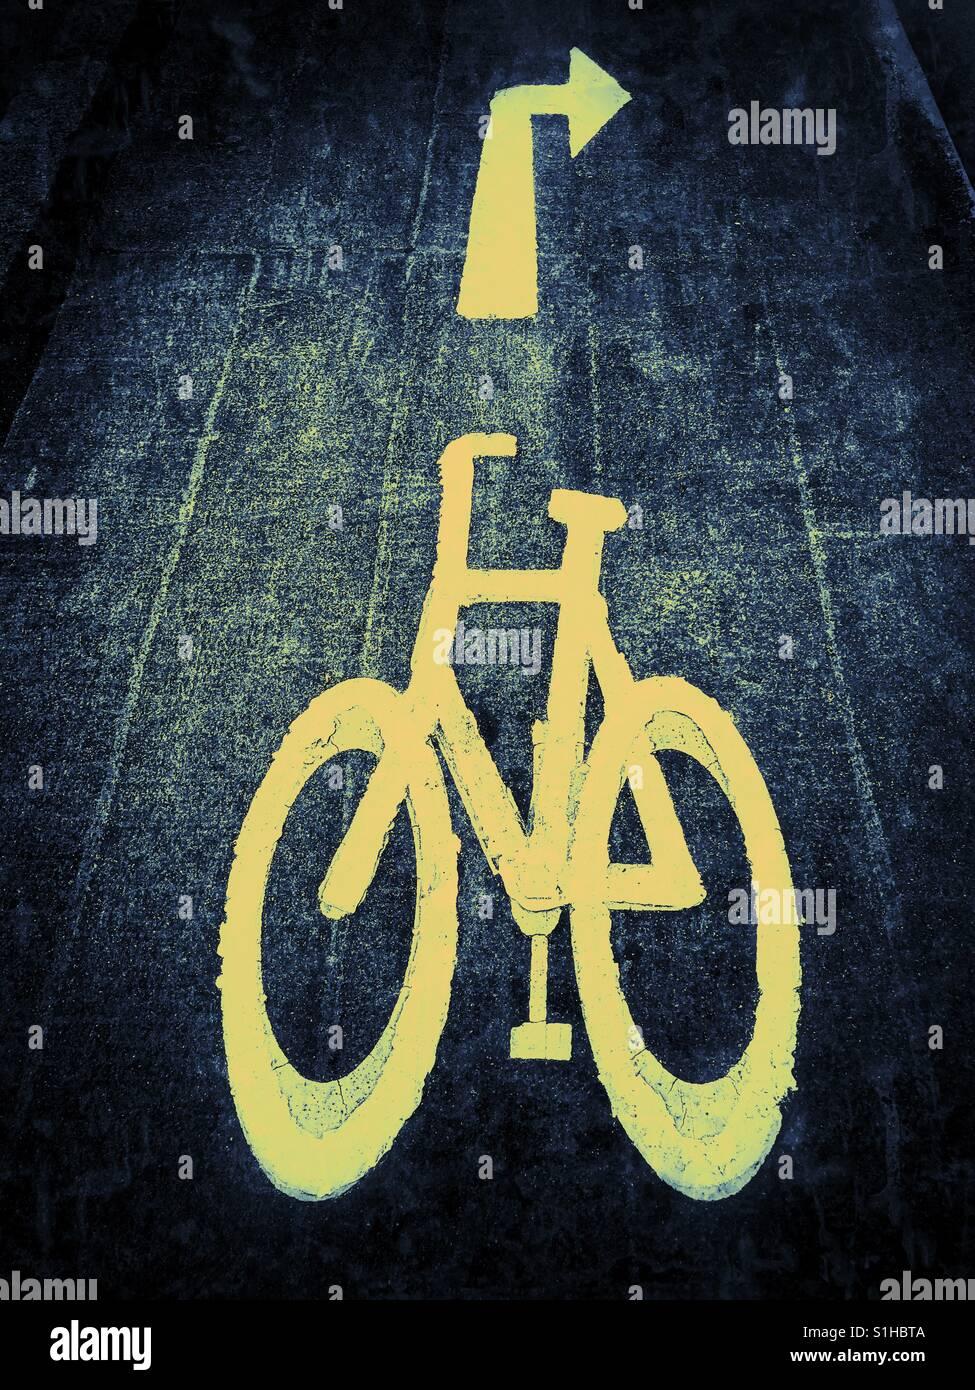 Das gelbe Symbol Zeichen eines Fahrrades - verwendet, um einen Radweg anzugeben. Der Pfeil sagt direkt Radfahrer Stockbild